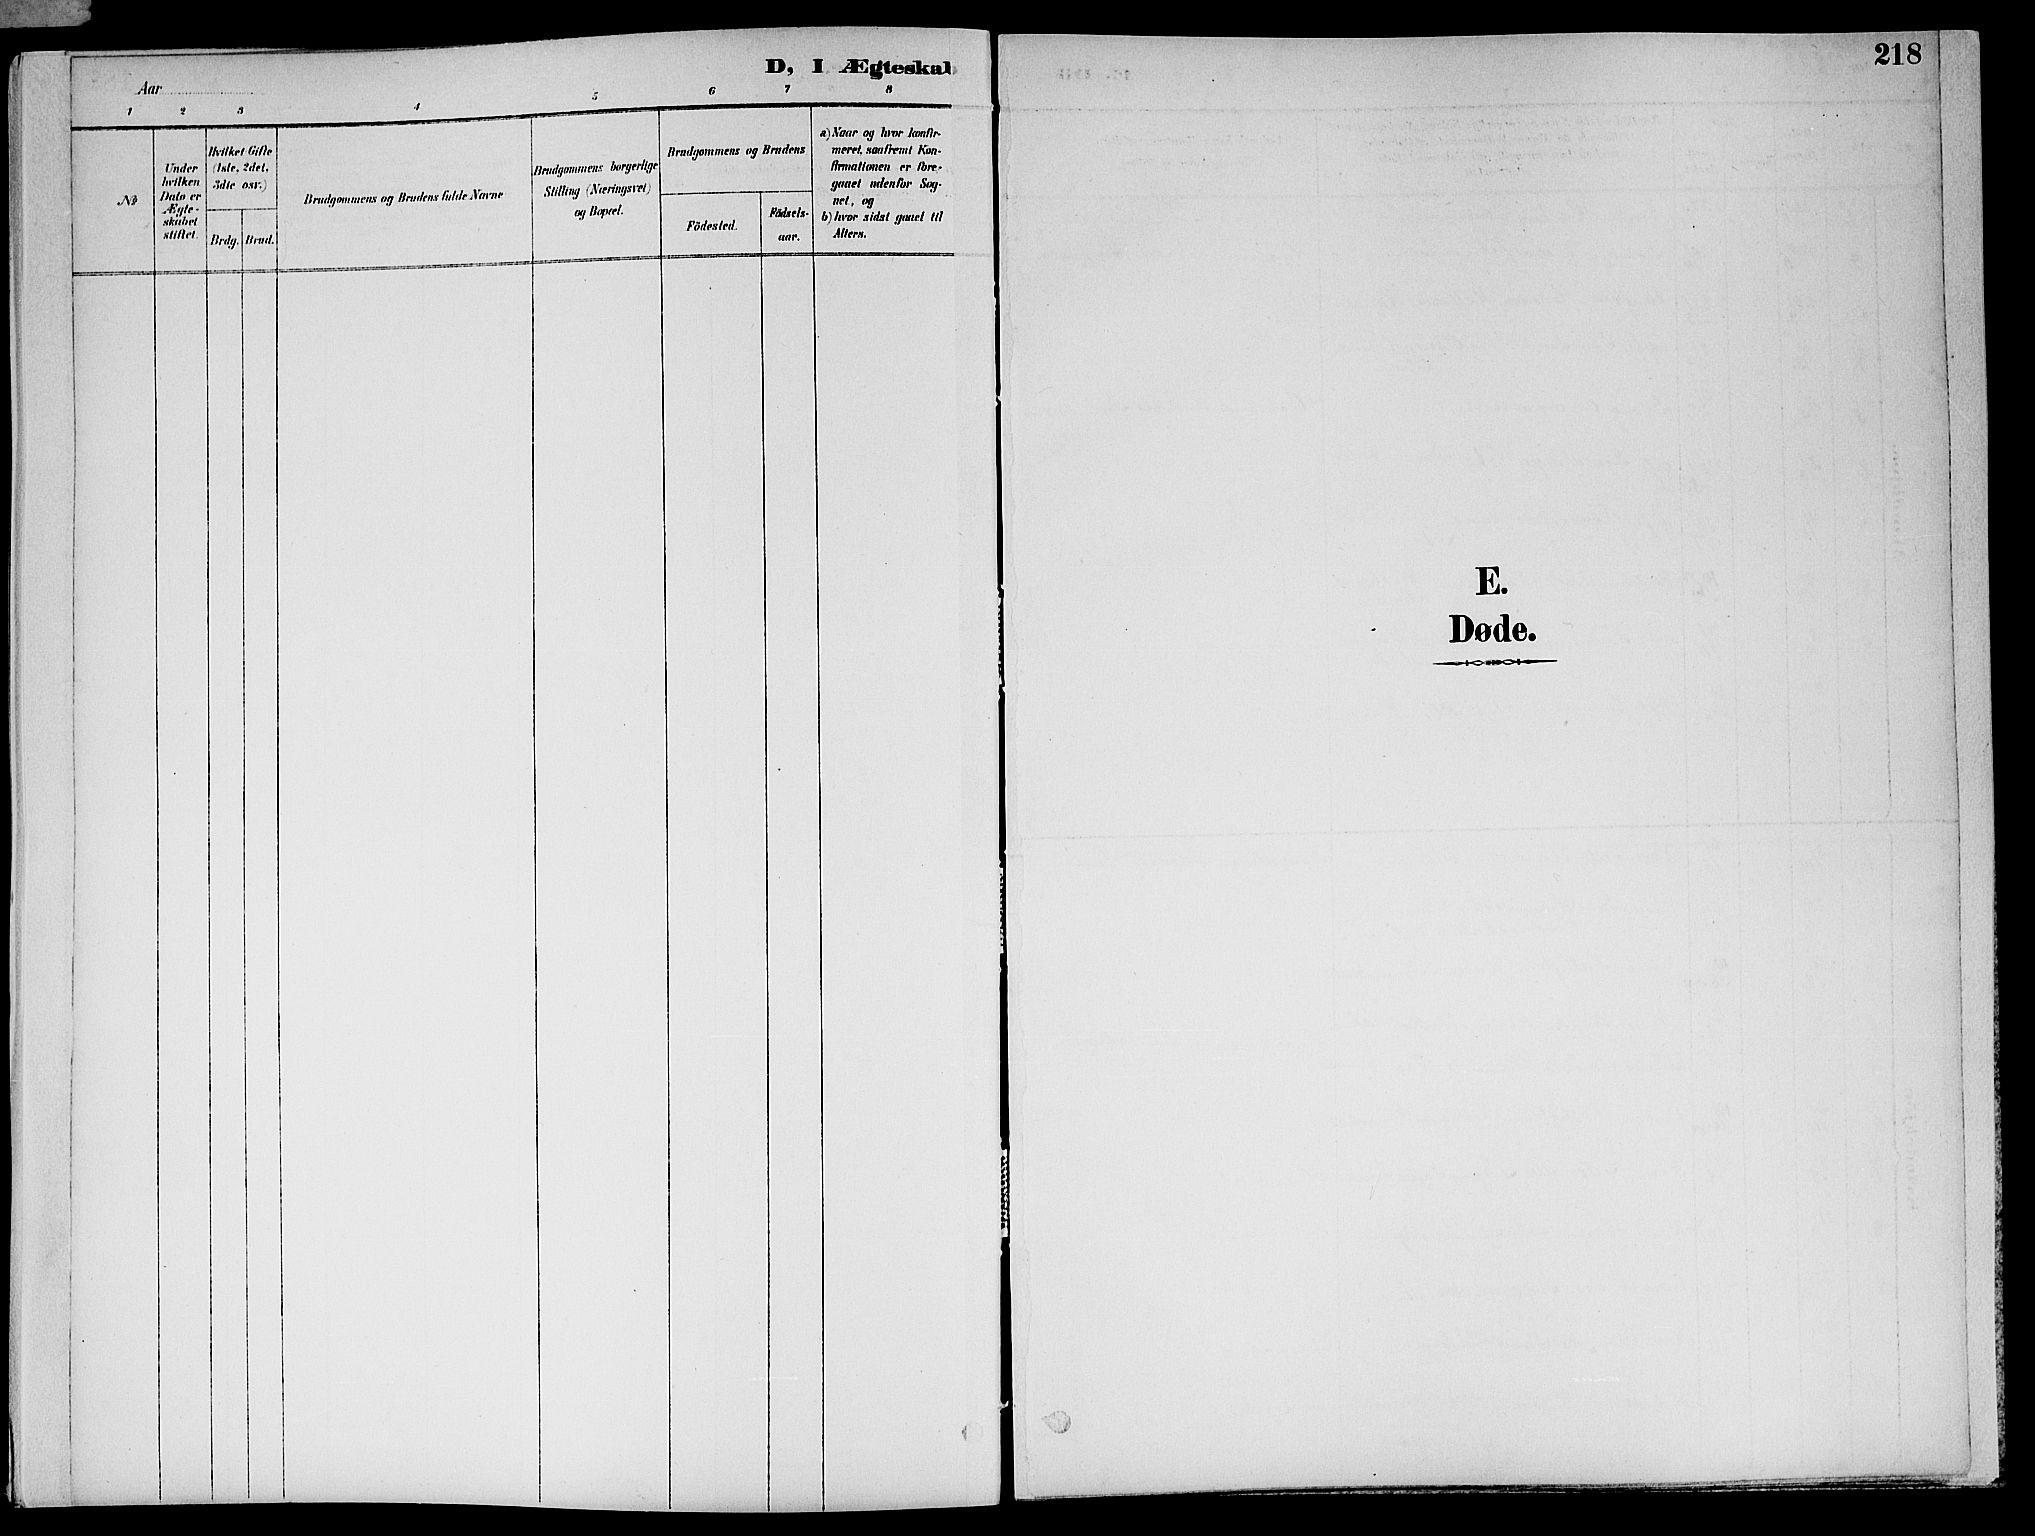 SAT, Ministerialprotokoller, klokkerbøker og fødselsregistre - Nord-Trøndelag, 773/L0617: Ministerialbok nr. 773A08, 1887-1910, s. 218